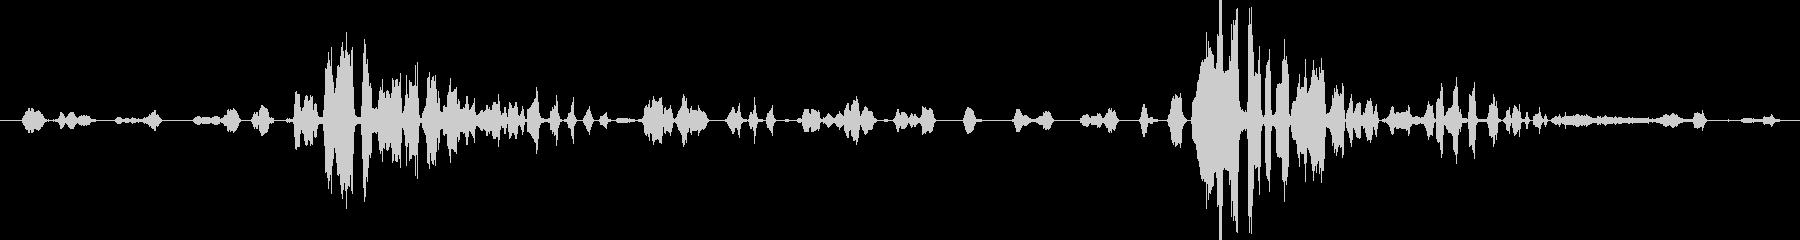 群集 トークラフ01の未再生の波形